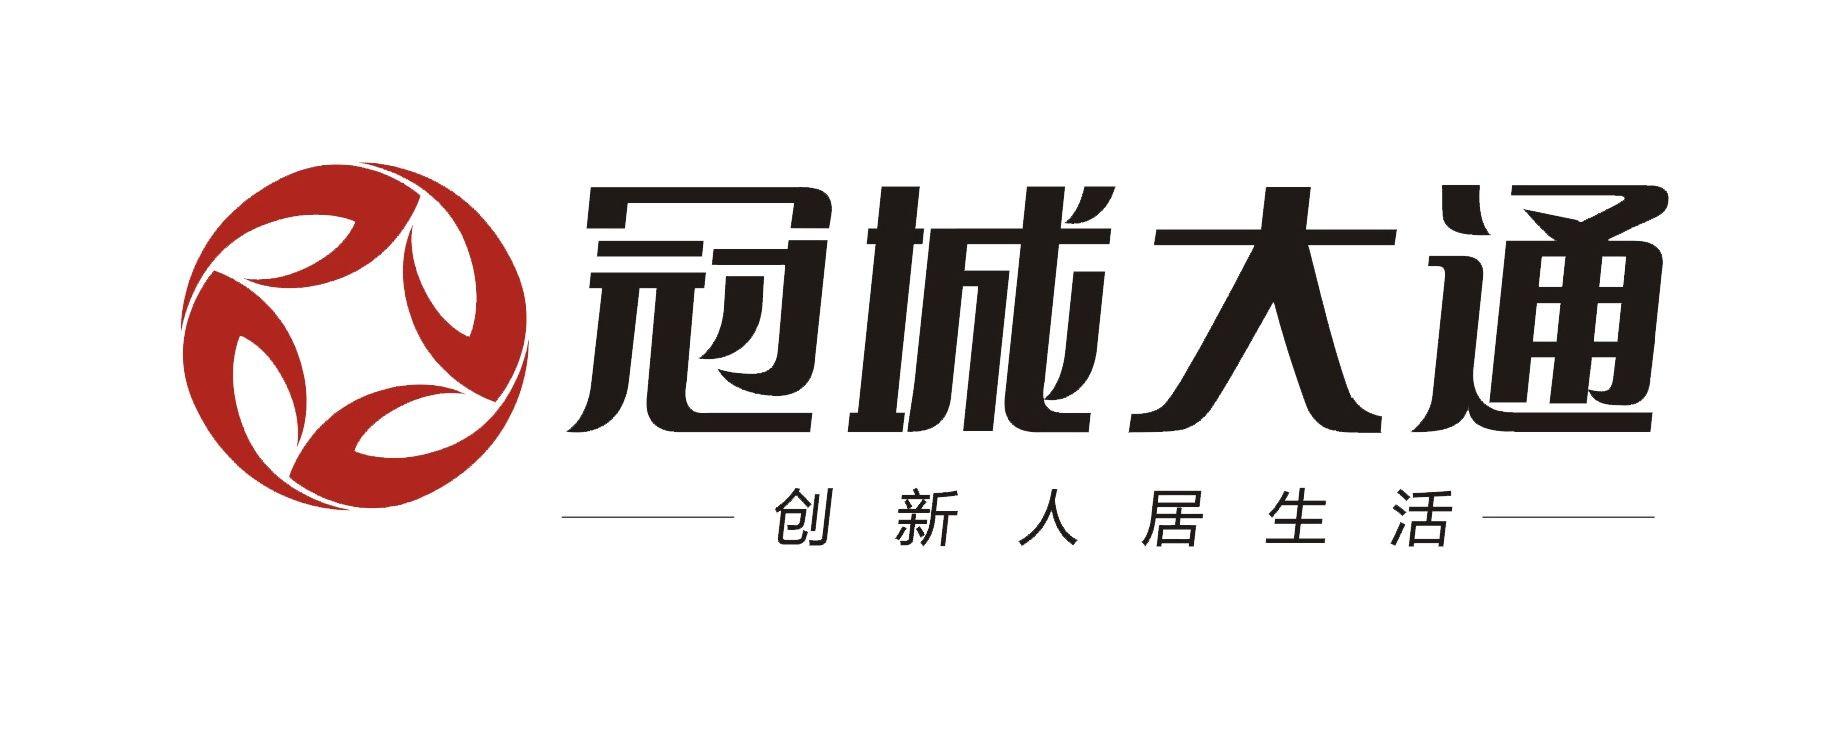 冠城大通:子公司一期0.9GWH锂电池投产 与中科院共建新能源材料实验室